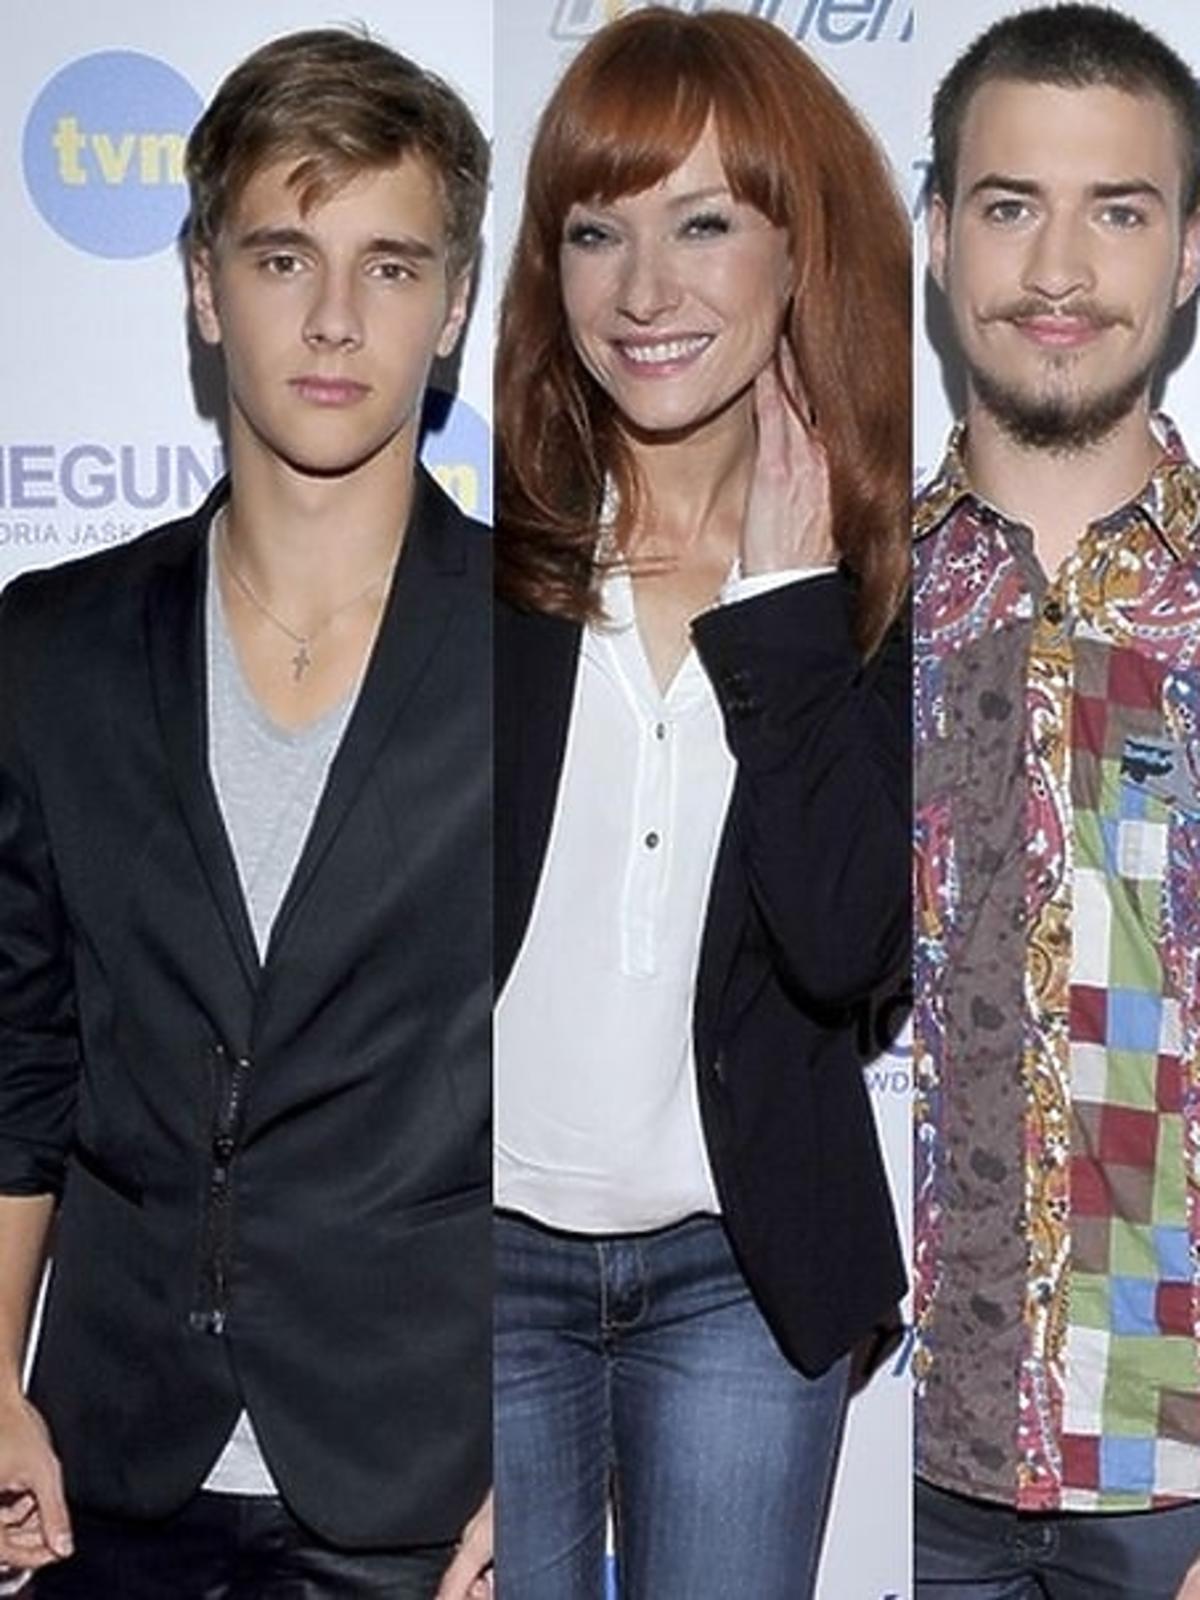 Gwiazdy na konferencji prasowej filmu